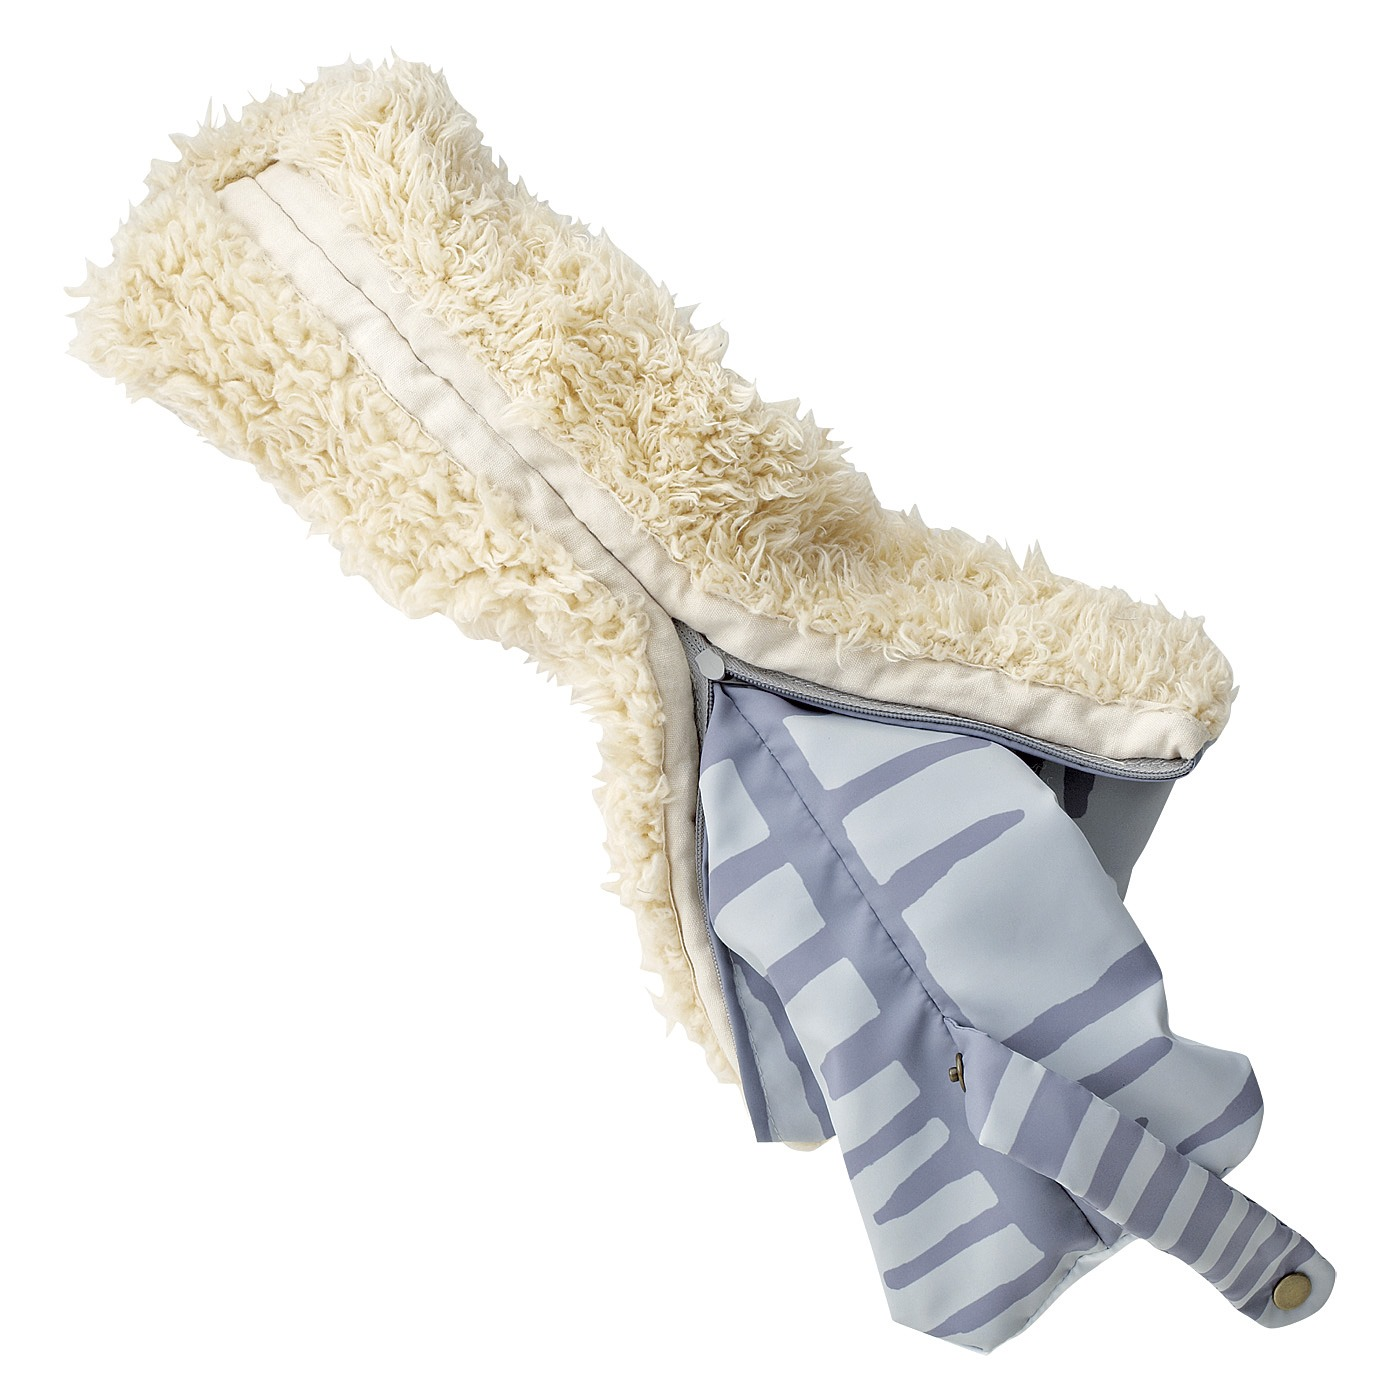 生地をひっくり返せるからぬれても乾かしやすい。